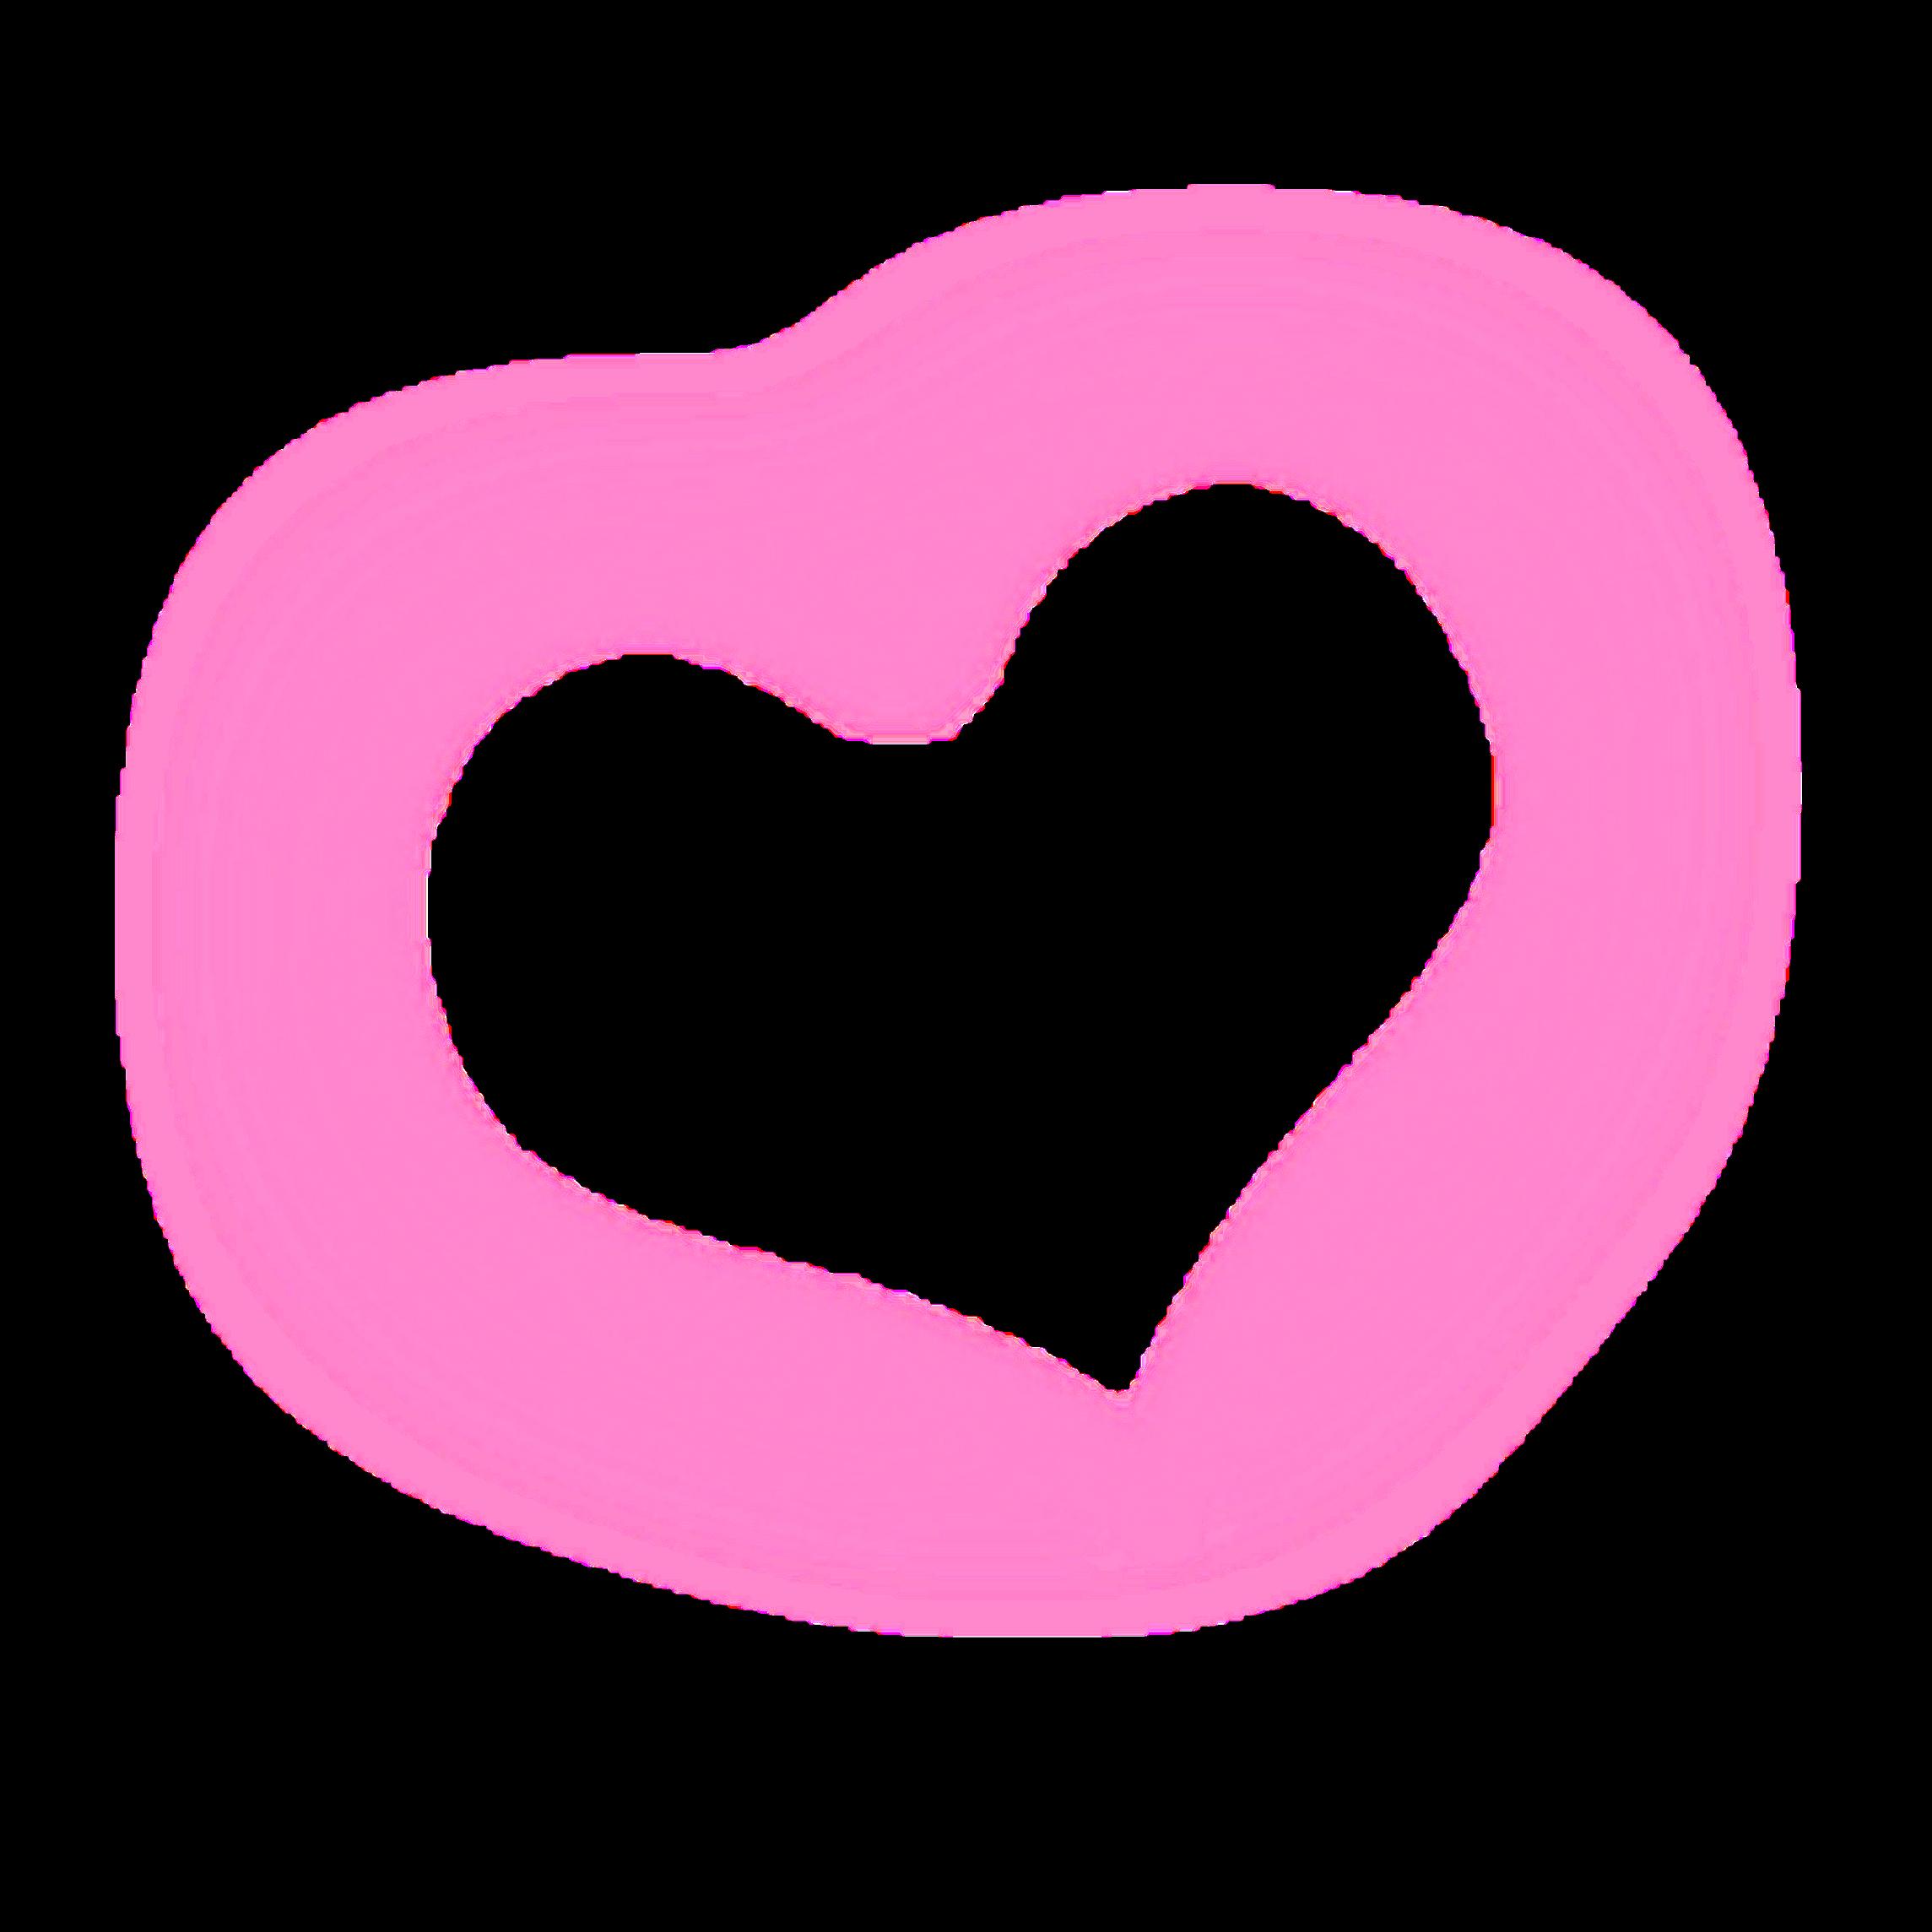 Ftestickers Heart Lighteffect Luminous Pink